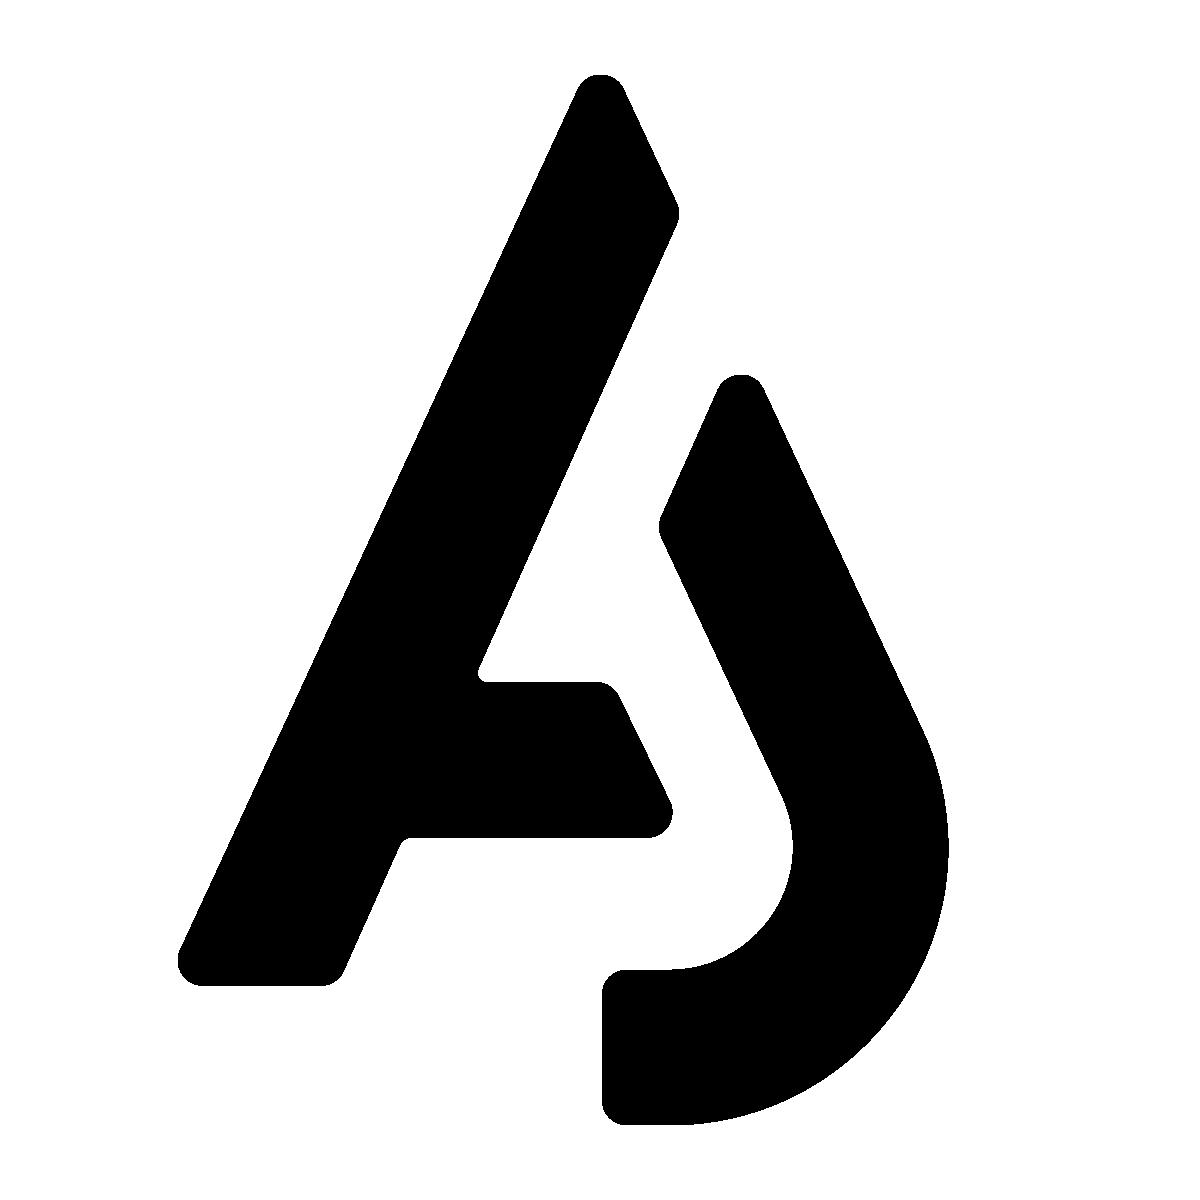 Aj logo png 5 » PNG Image.